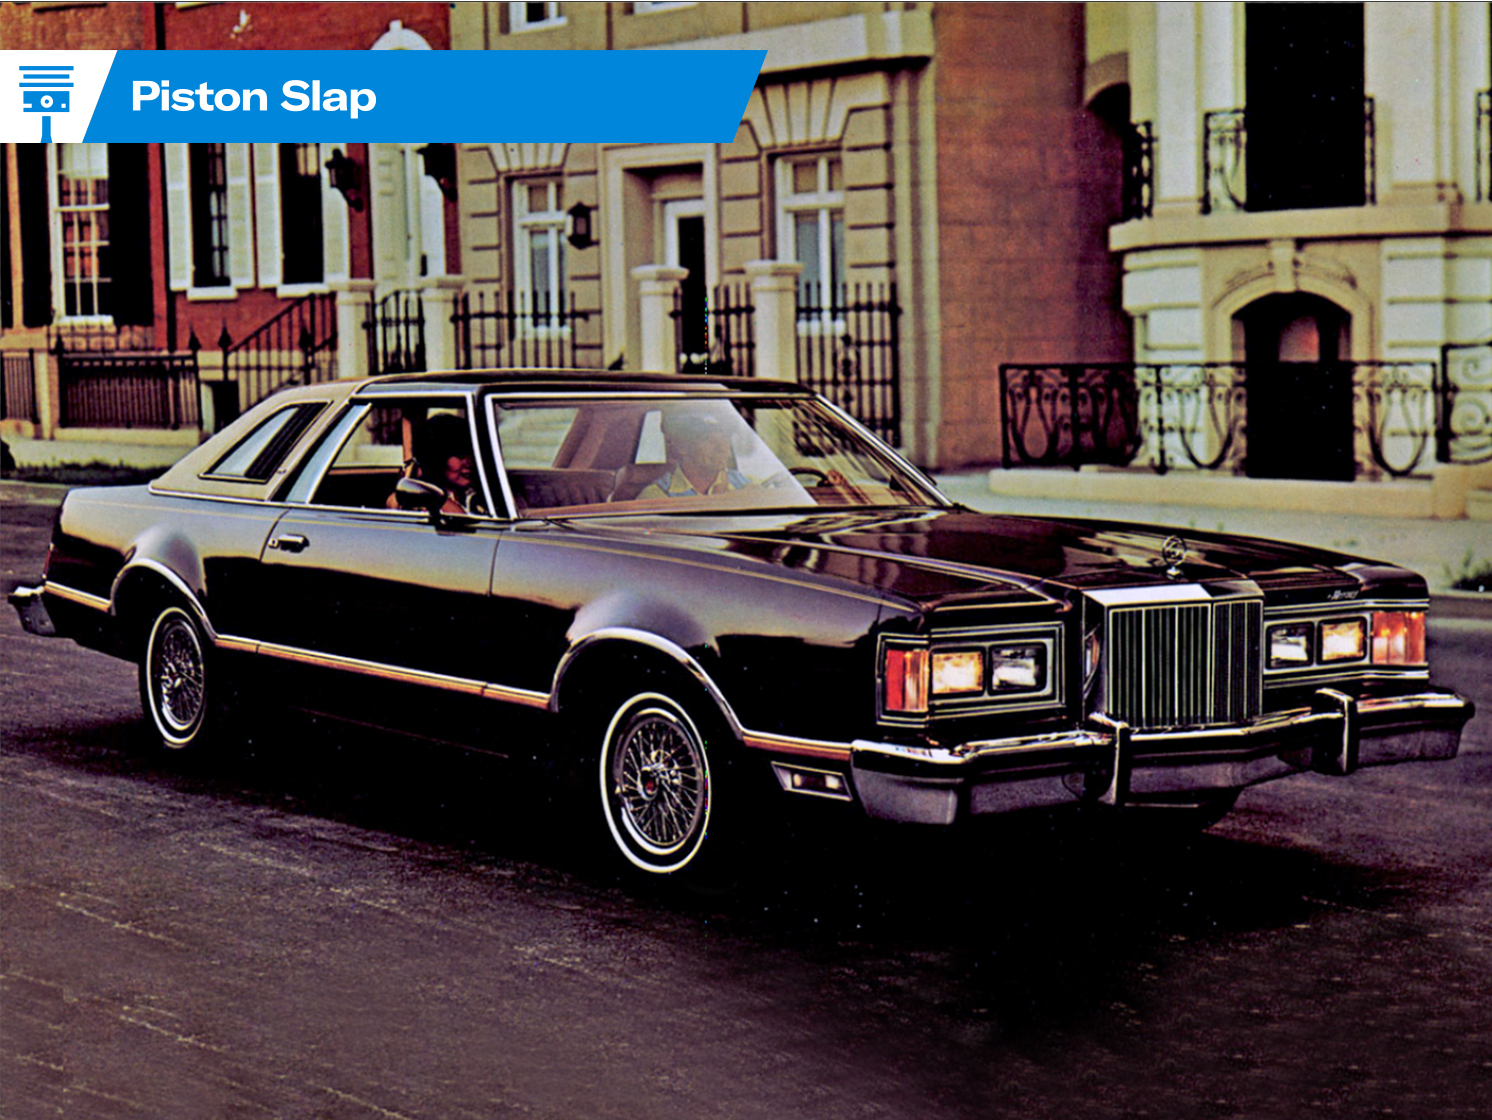 Piston_Slap_Ford_Lede